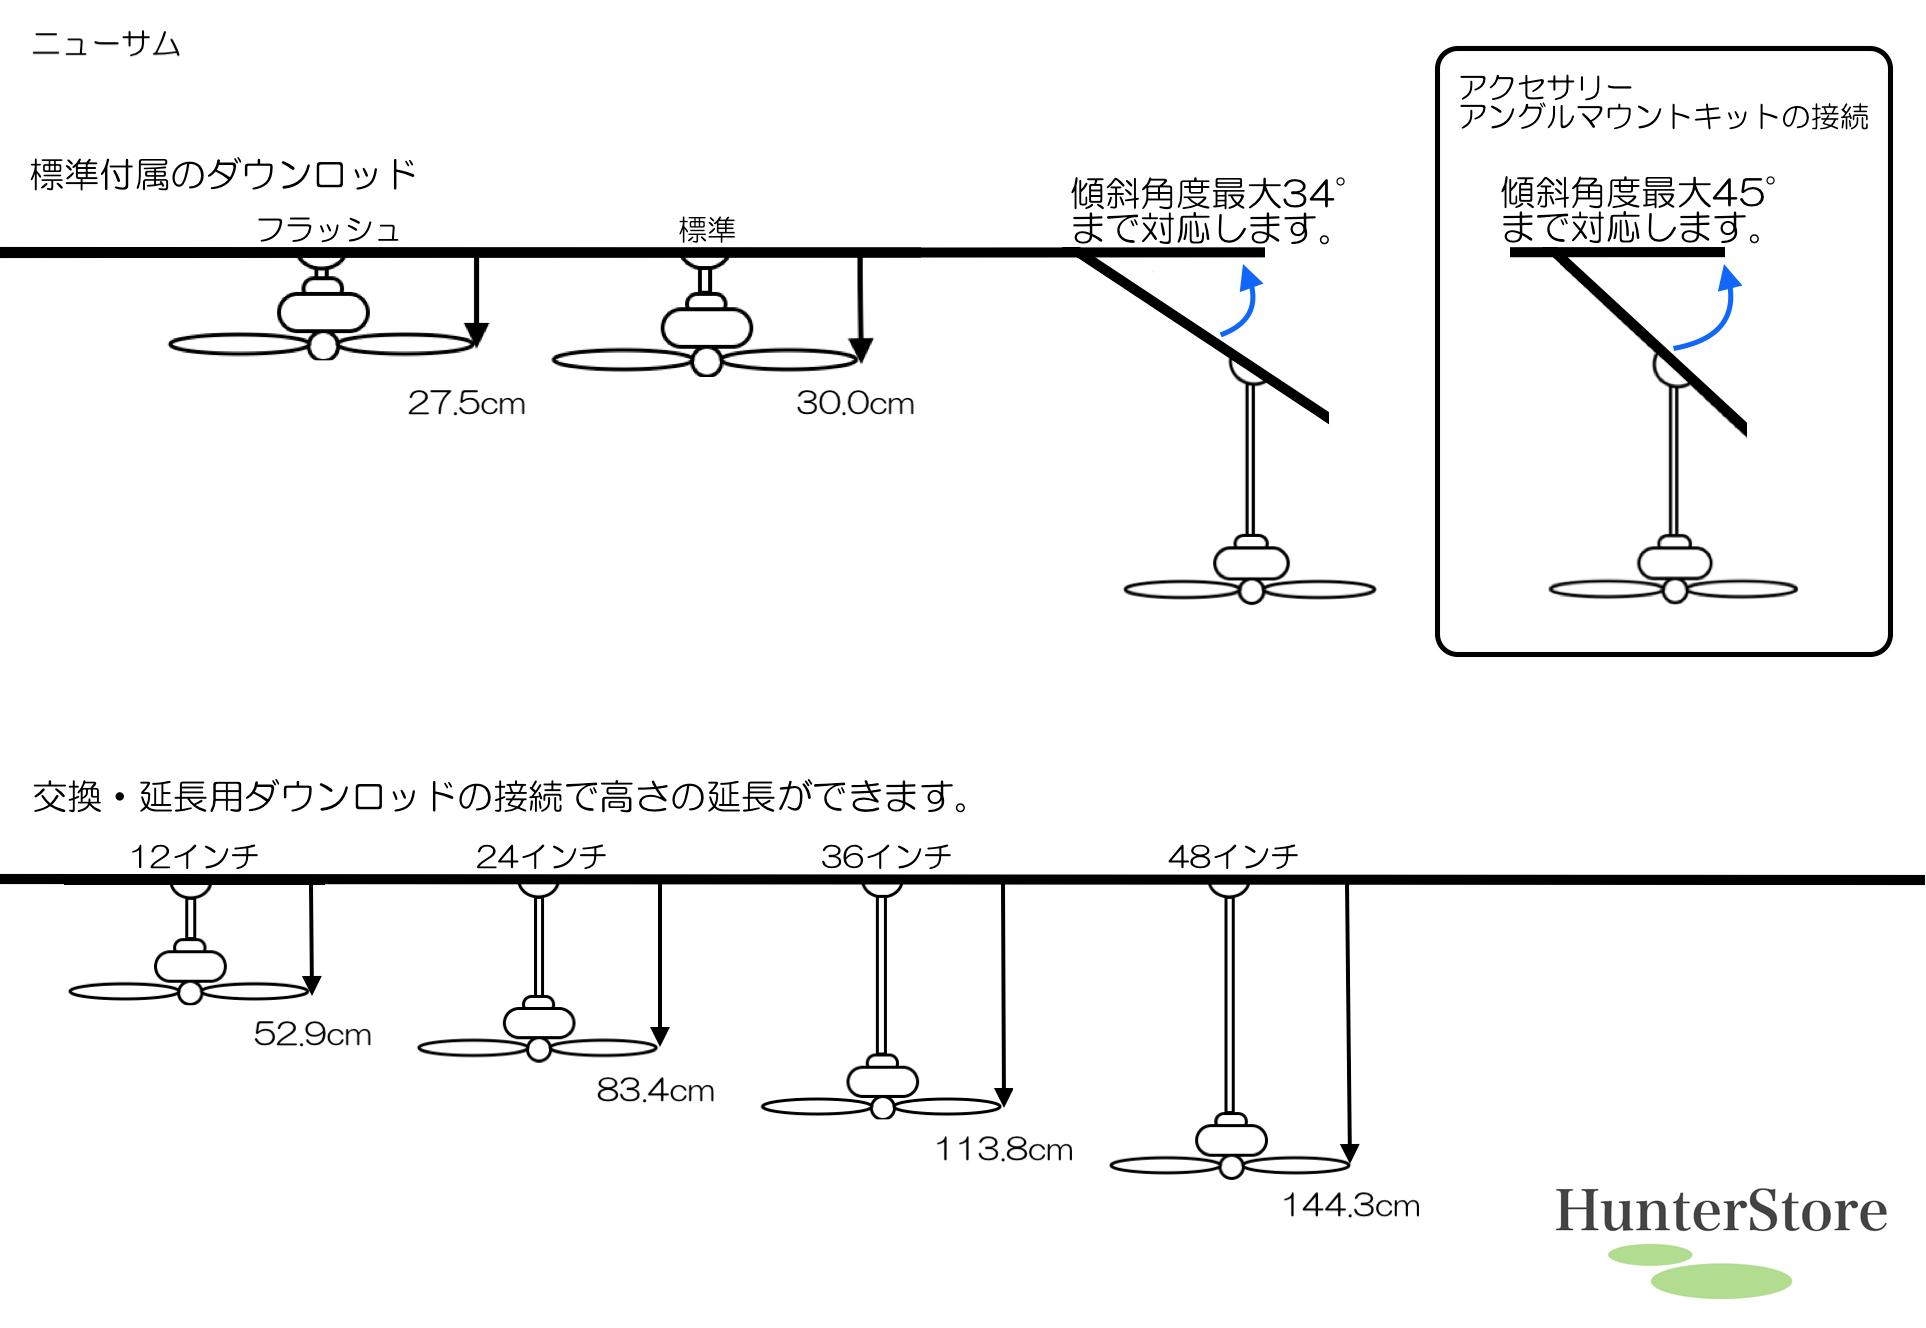 ニューサム 照明キット付【壁コントローラ・12㌅31cmダウンロッド付】 - 画像2